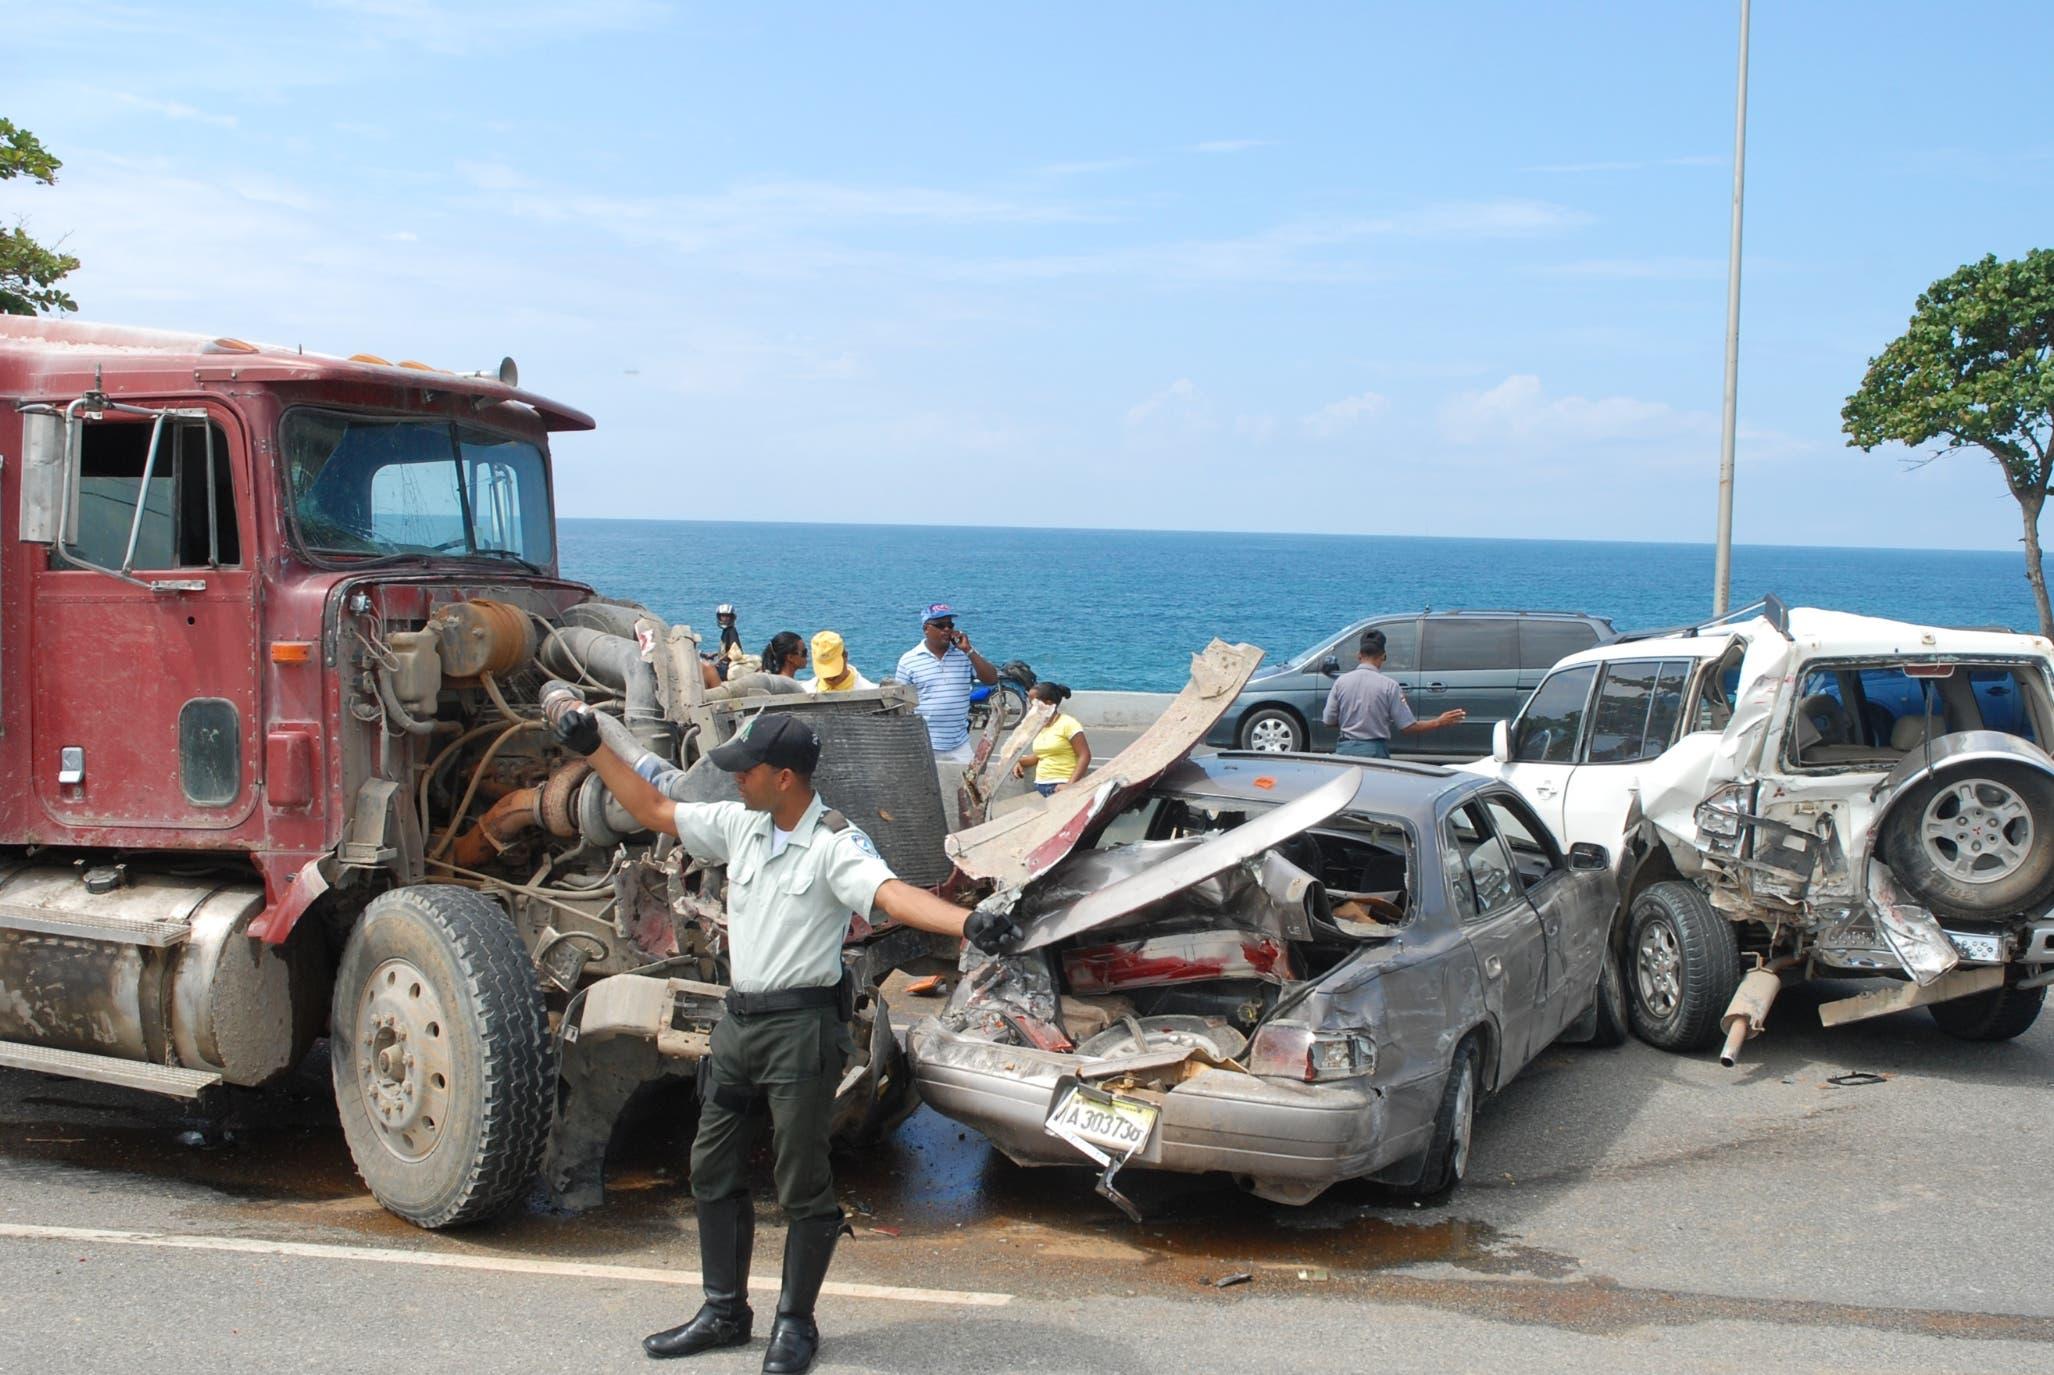 Los accidentes de tránsito en la autopista Las Américas, al igual que en otras carreteras, representan situaciones de alarma y preocupación.  archivo